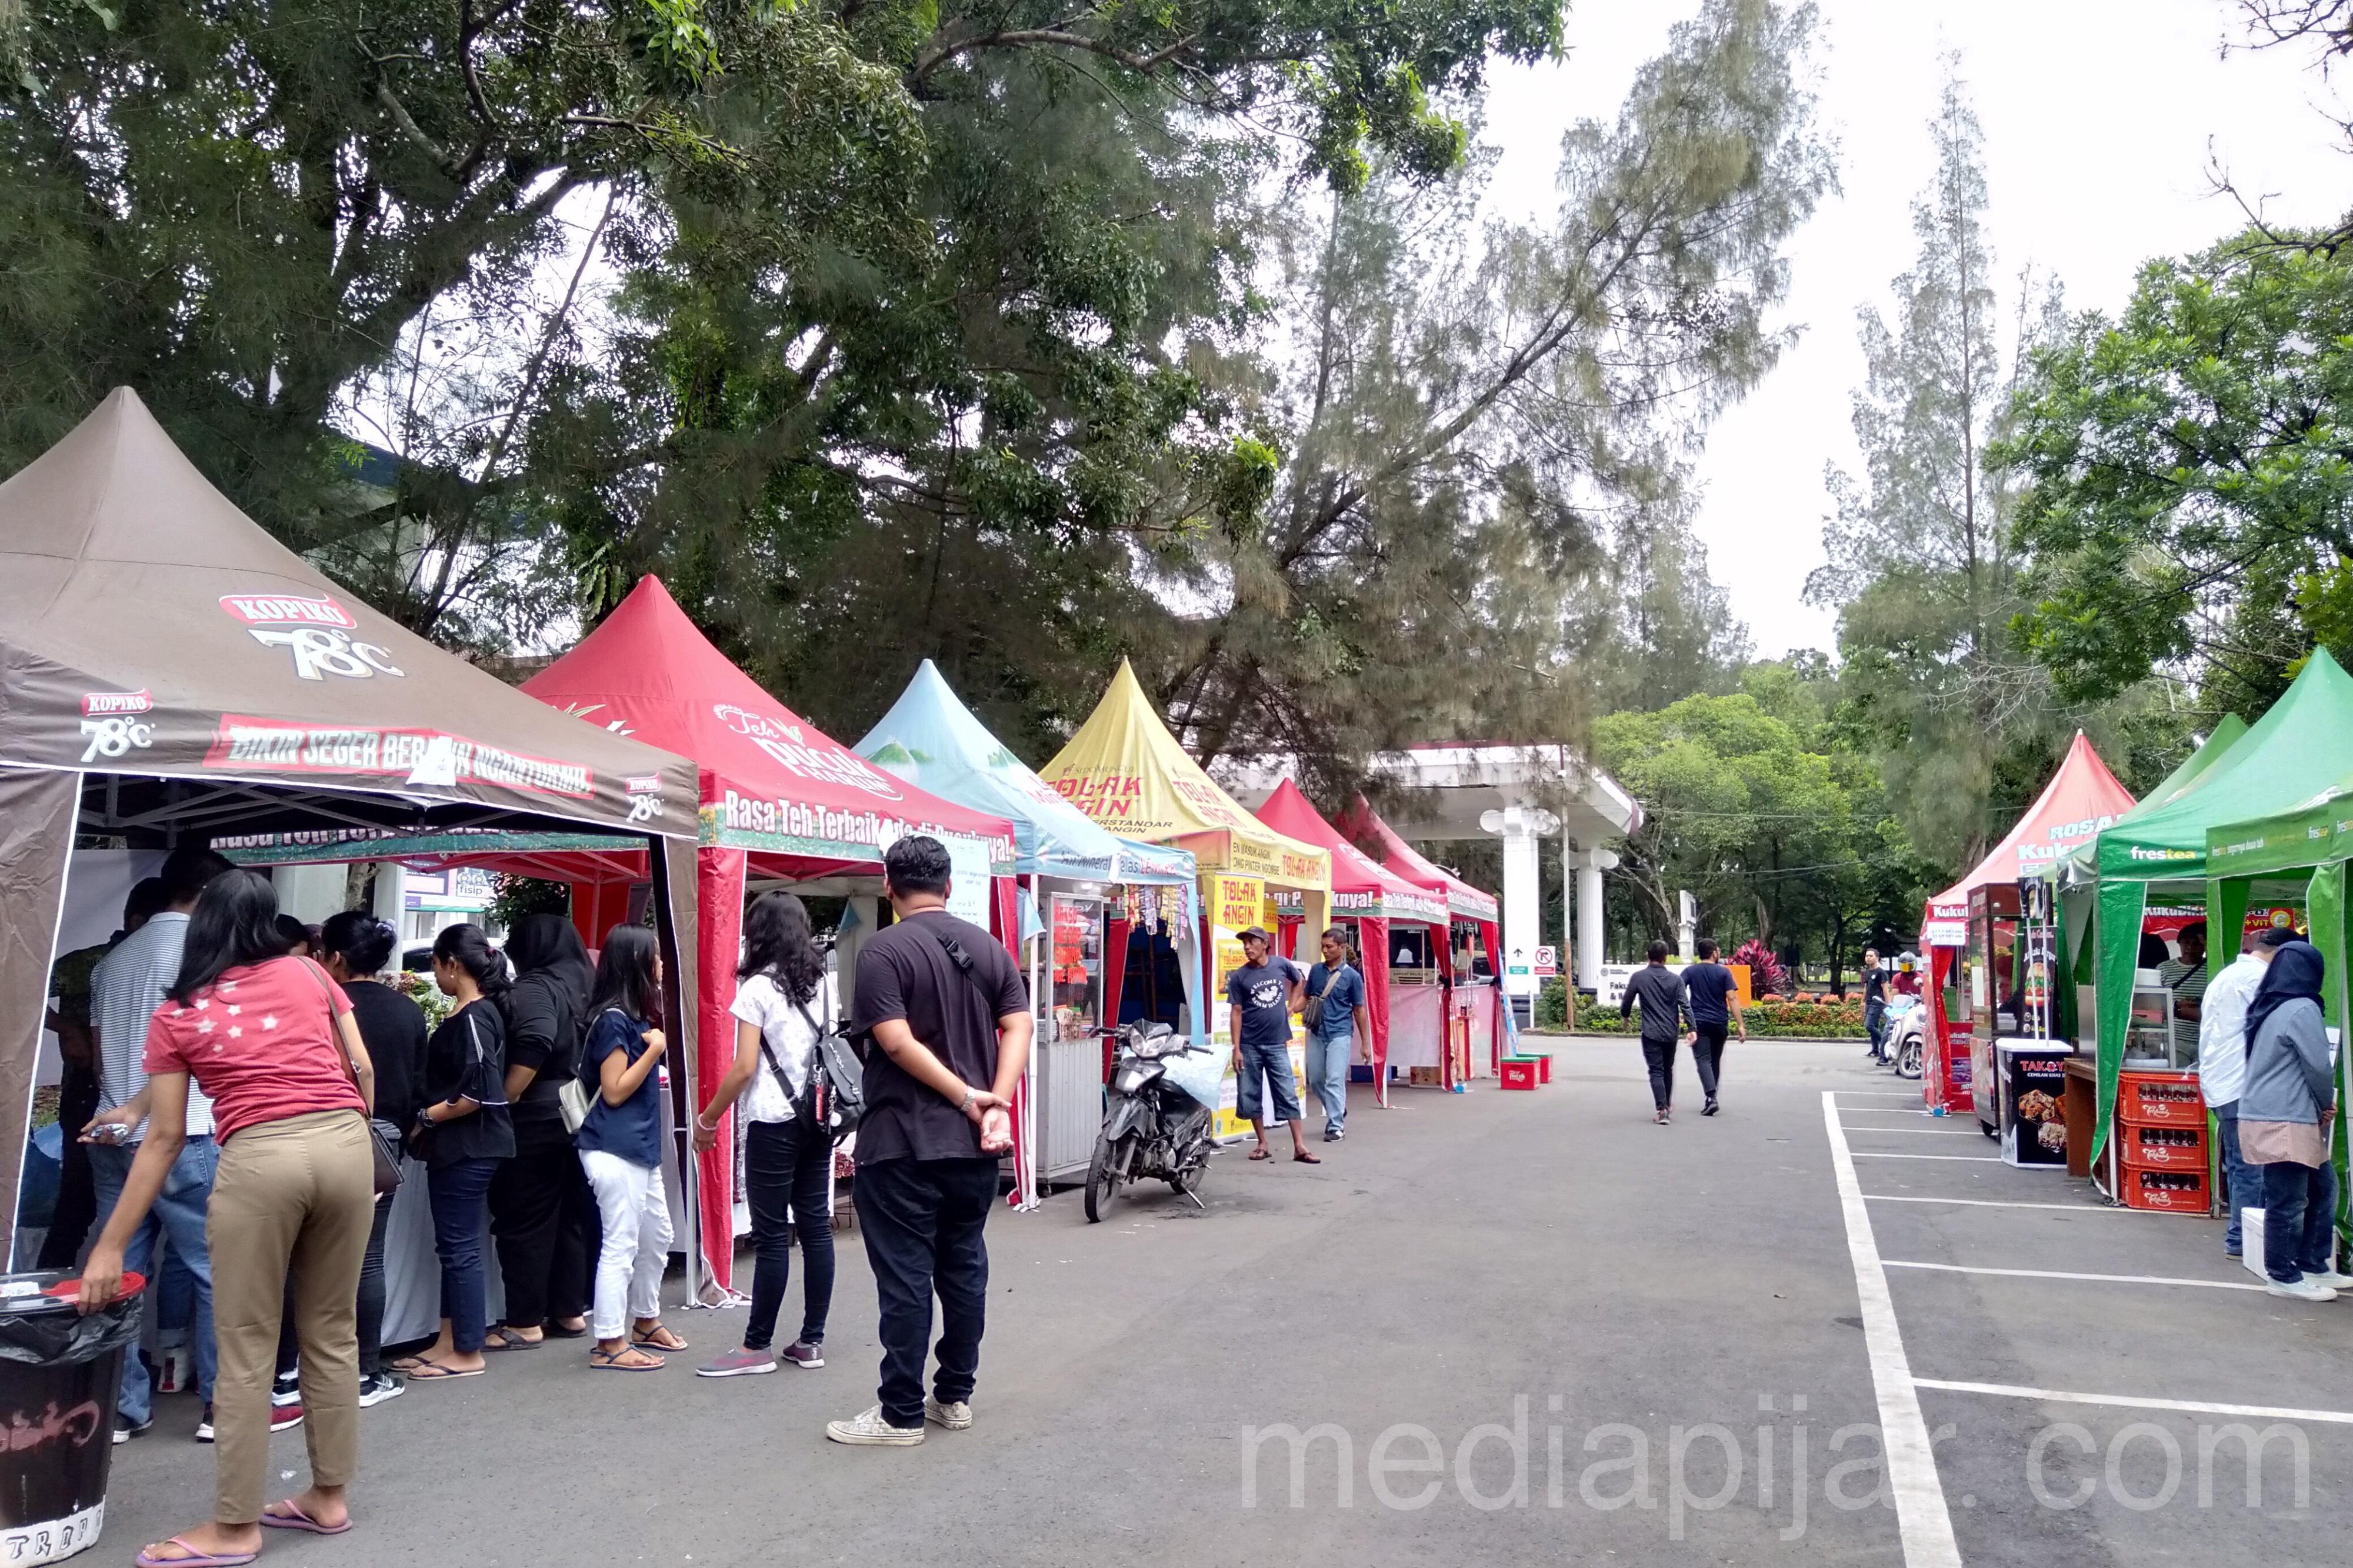 Bazar-bazar yang dapat dapat ditemui di Dies Natalis & Alumni Gathering FISIP USU (26/10)  Fotografer: Meylinda Pangestika